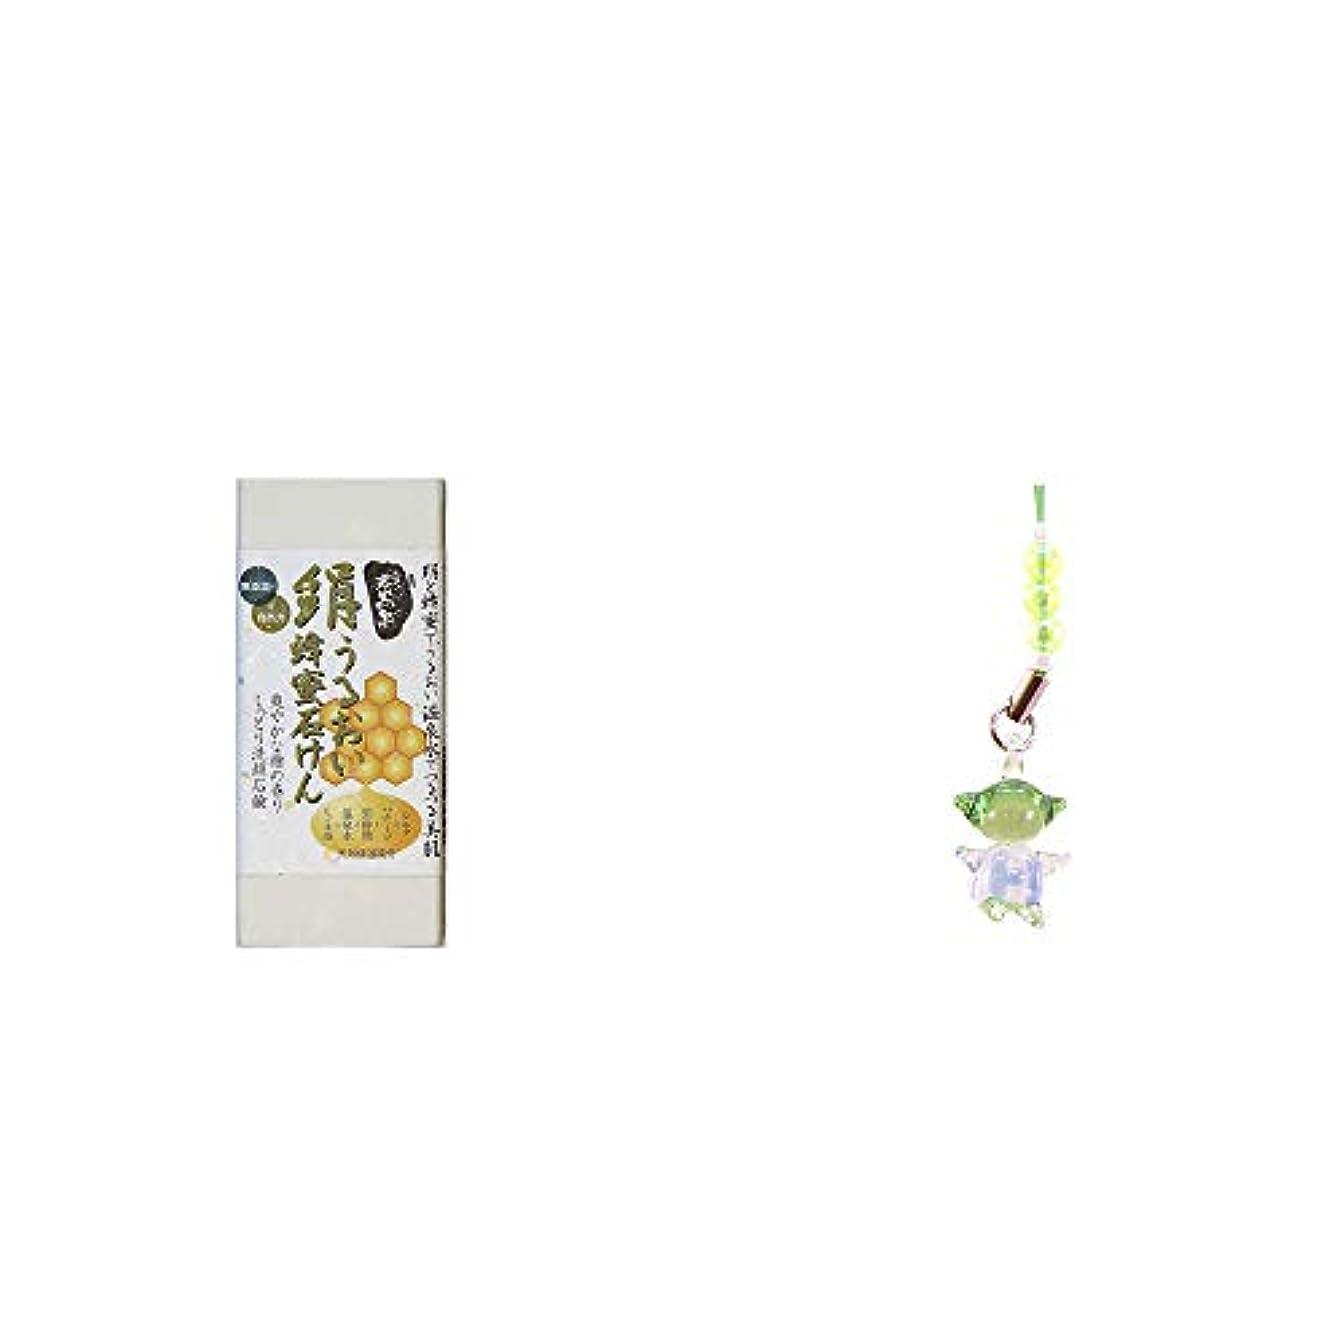 スズメバチ腸科学的[2点セット] ひのき炭黒泉 絹うるおい蜂蜜石けん(75g×2)?ガラスのさるぼぼ 手作りキーホルダー 【緑】 /健康運?平穏?病気を寄付けない?健康祈願//